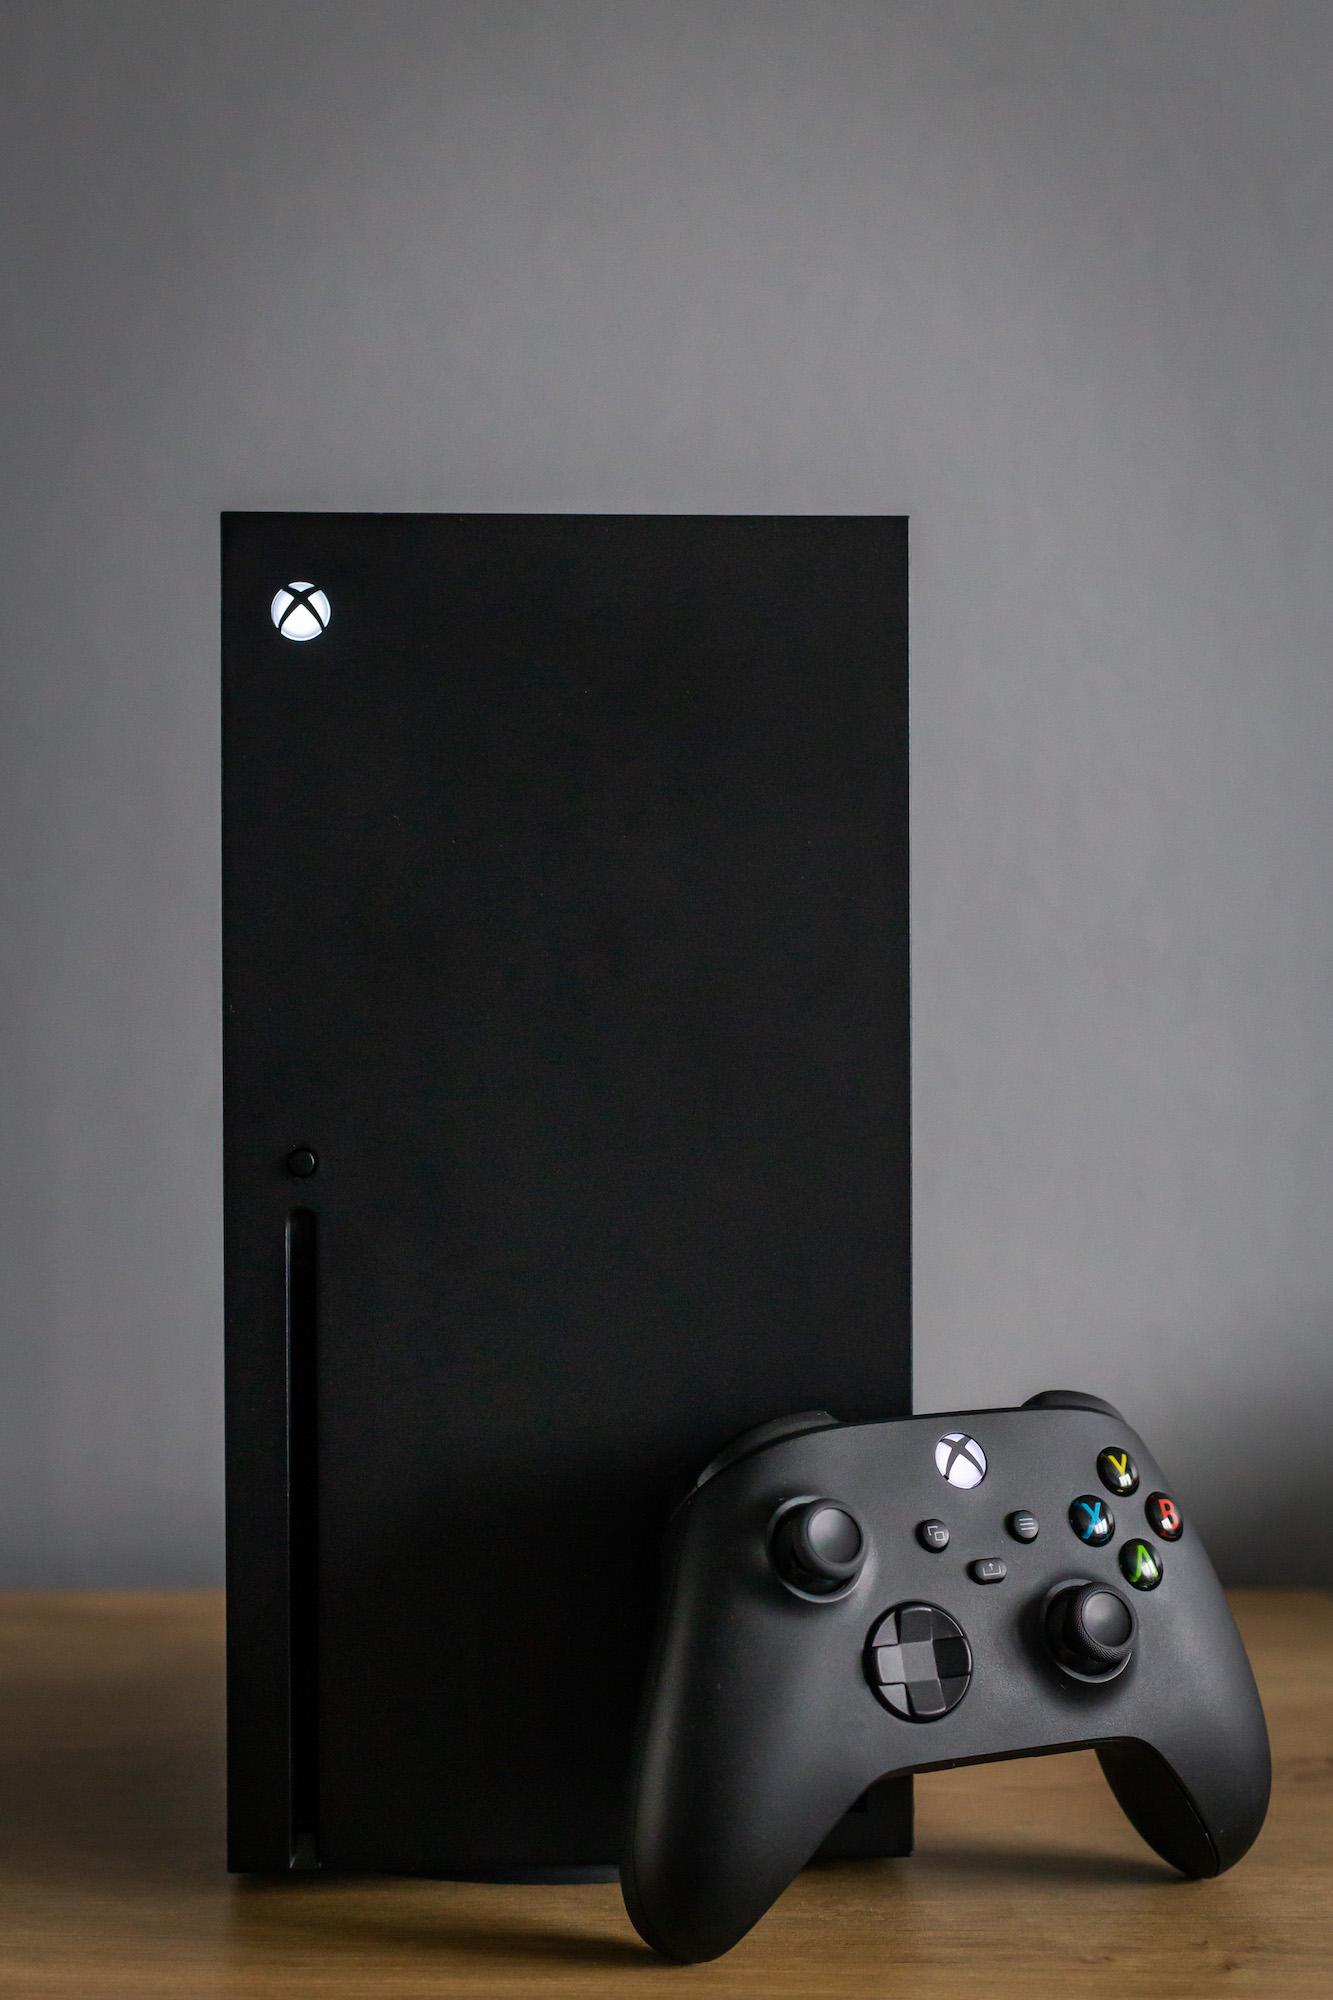 Новое поколение на дворе: 7 карточек про Xbox Series X